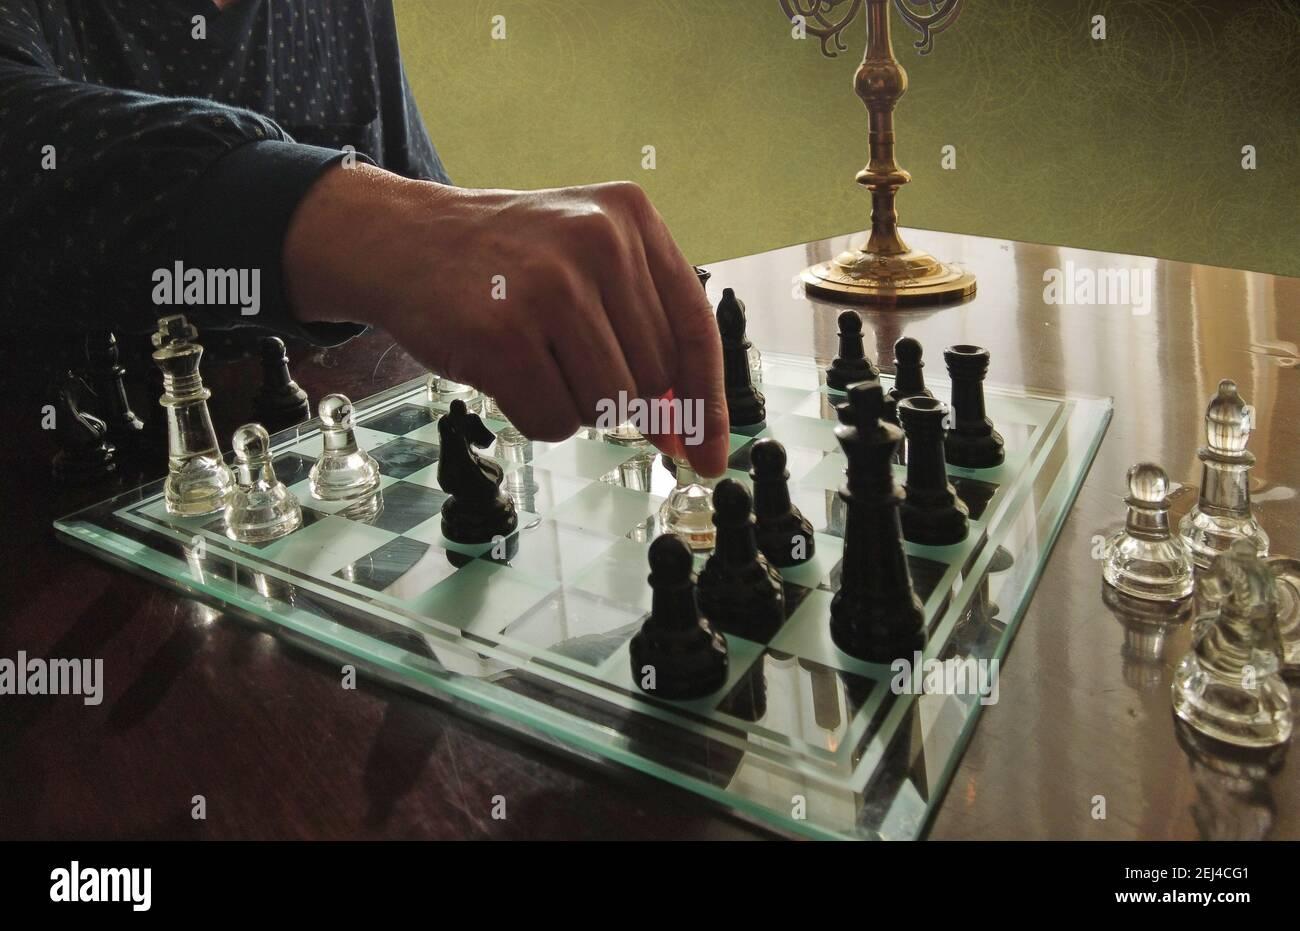 Jeu d'échecs, défi et compétition Banque D'Images